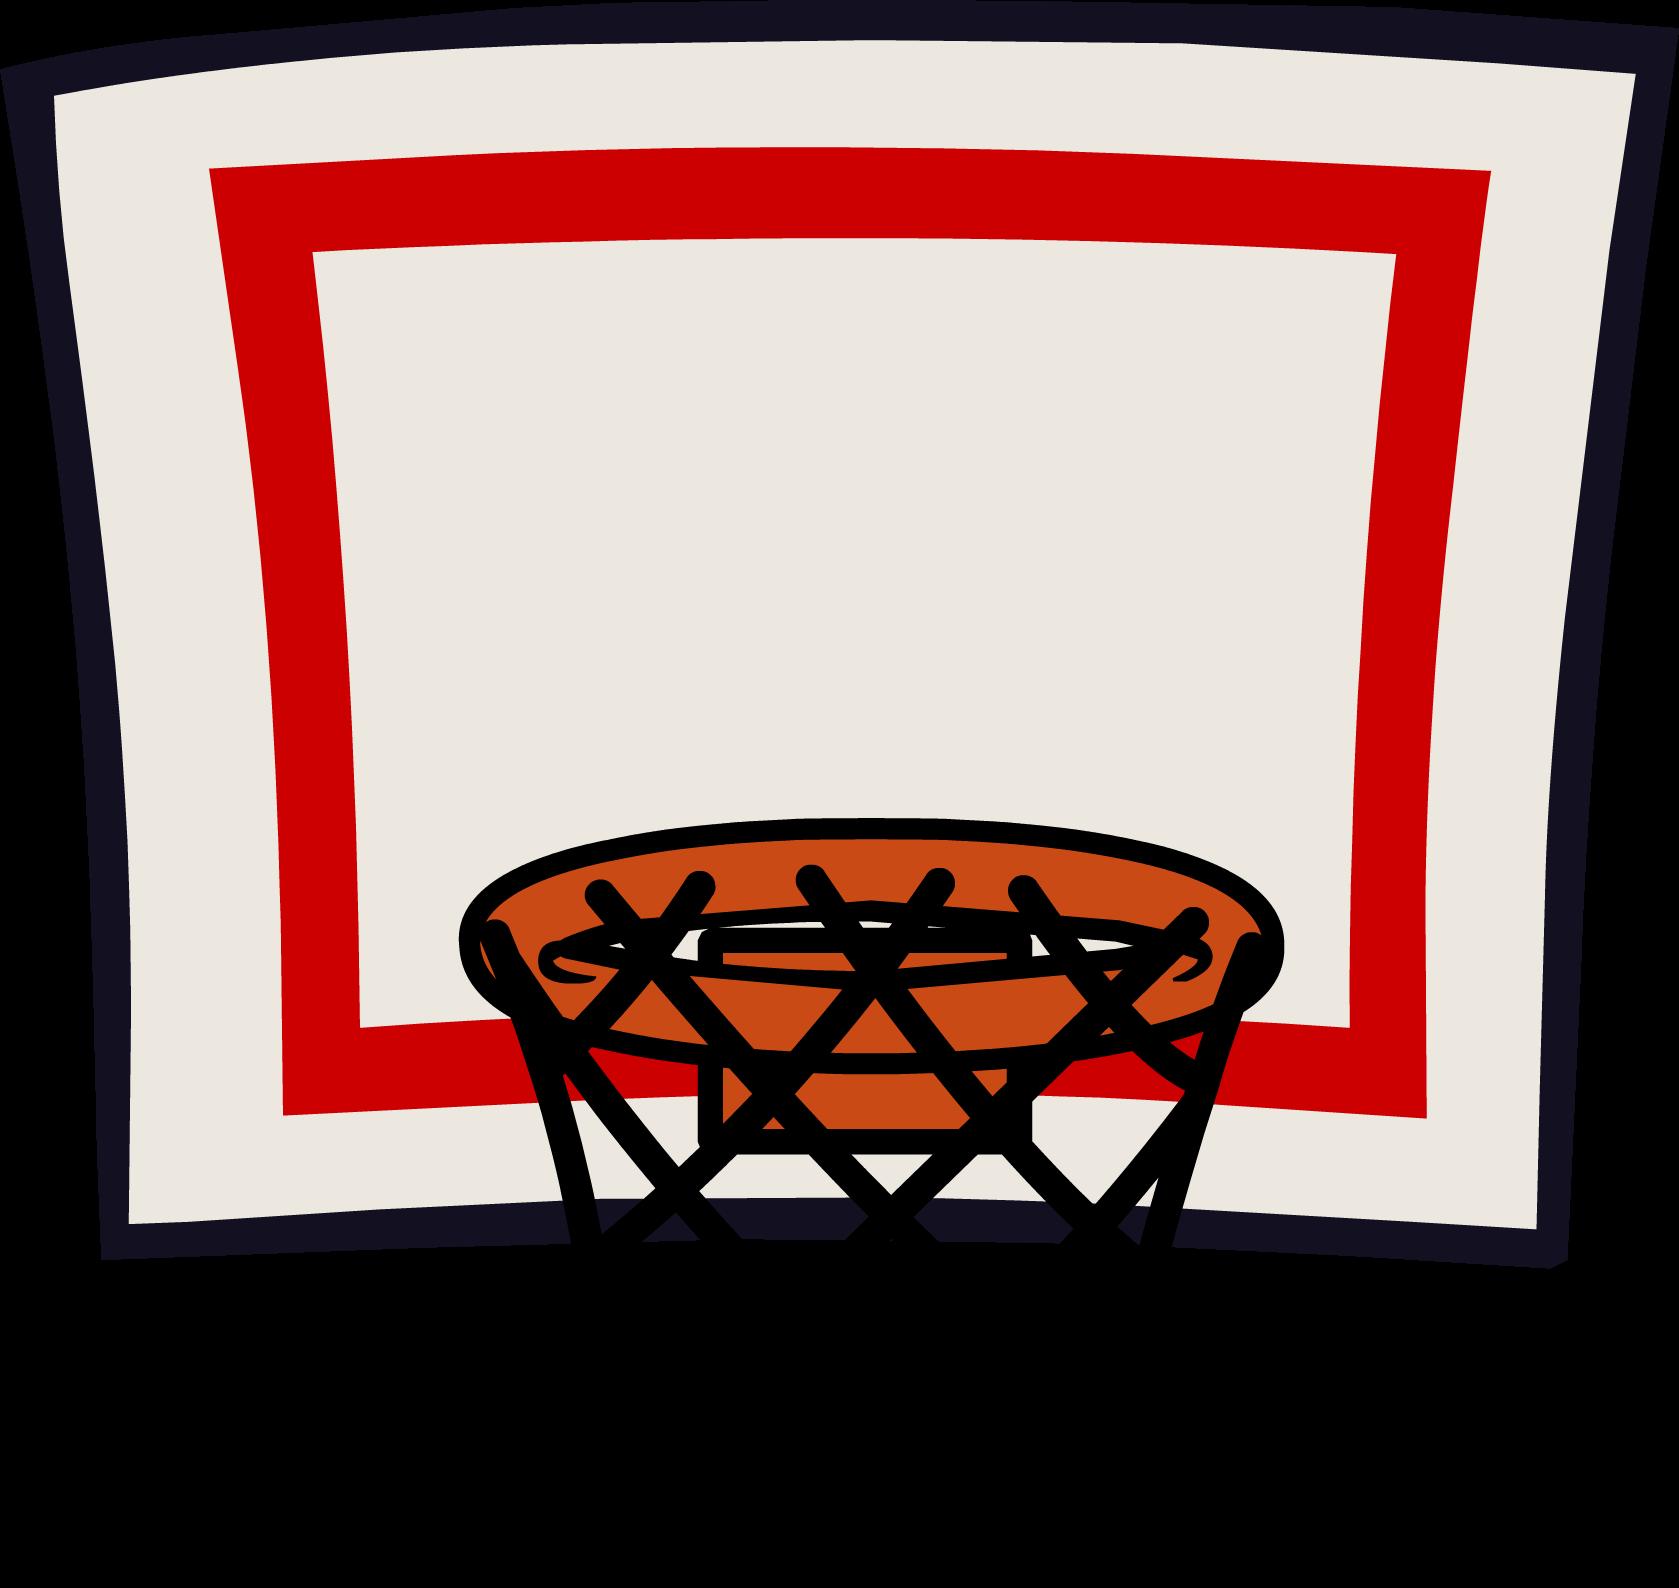 1679x1588 Hoop Basketball Ring Net Clipart 2